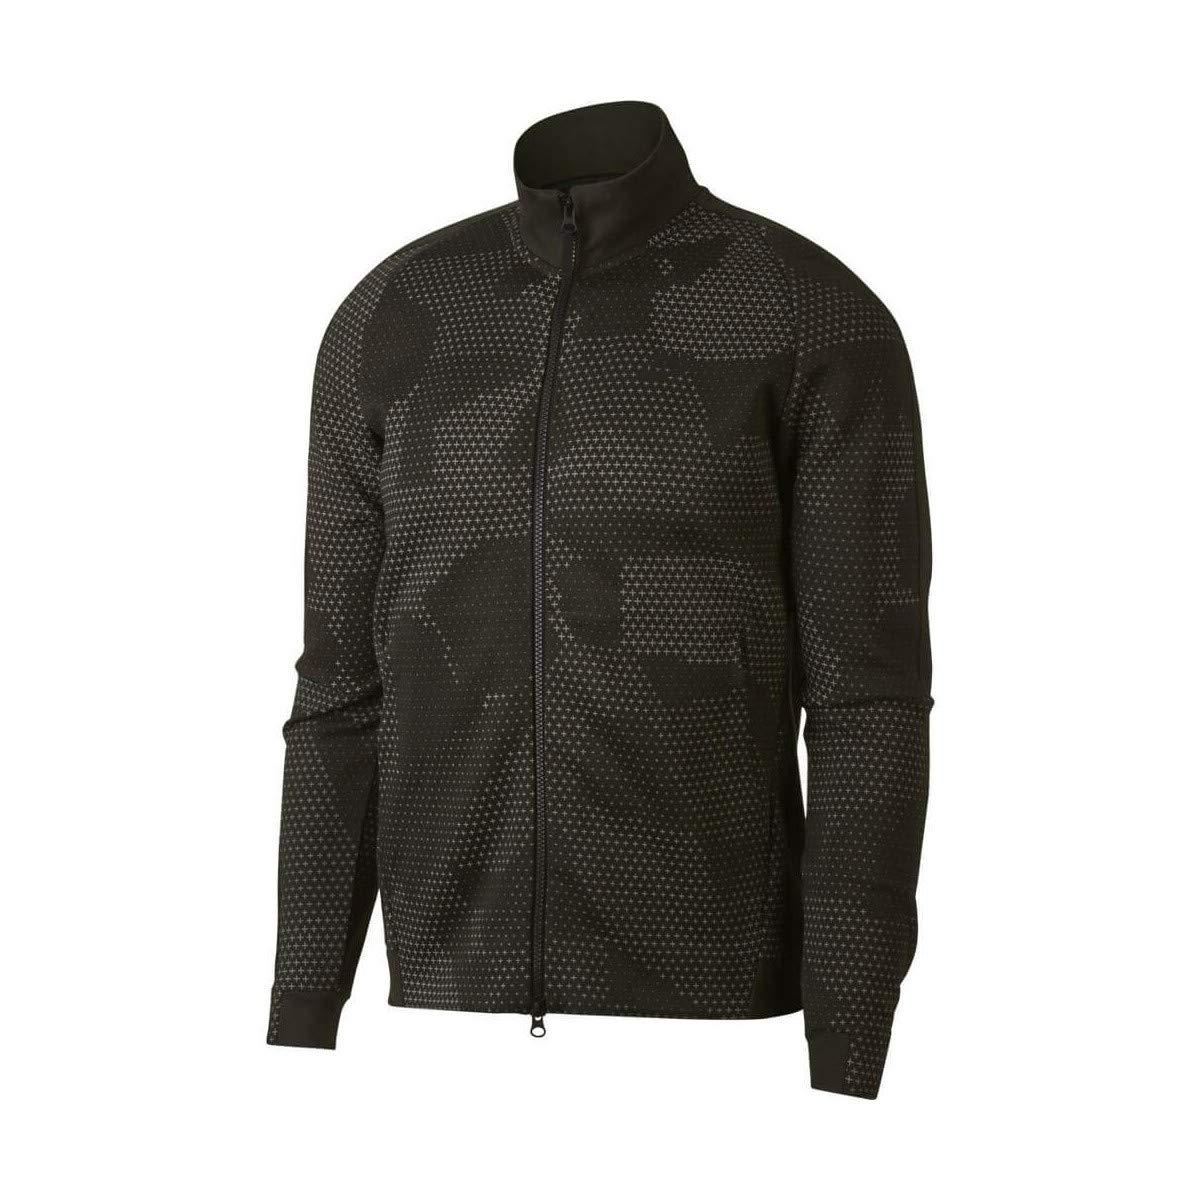 Nike Sportswear Tech Fleece, Chaqueta para Hombre, Negro/Negro, S: Amazon.es: Deportes y aire libre